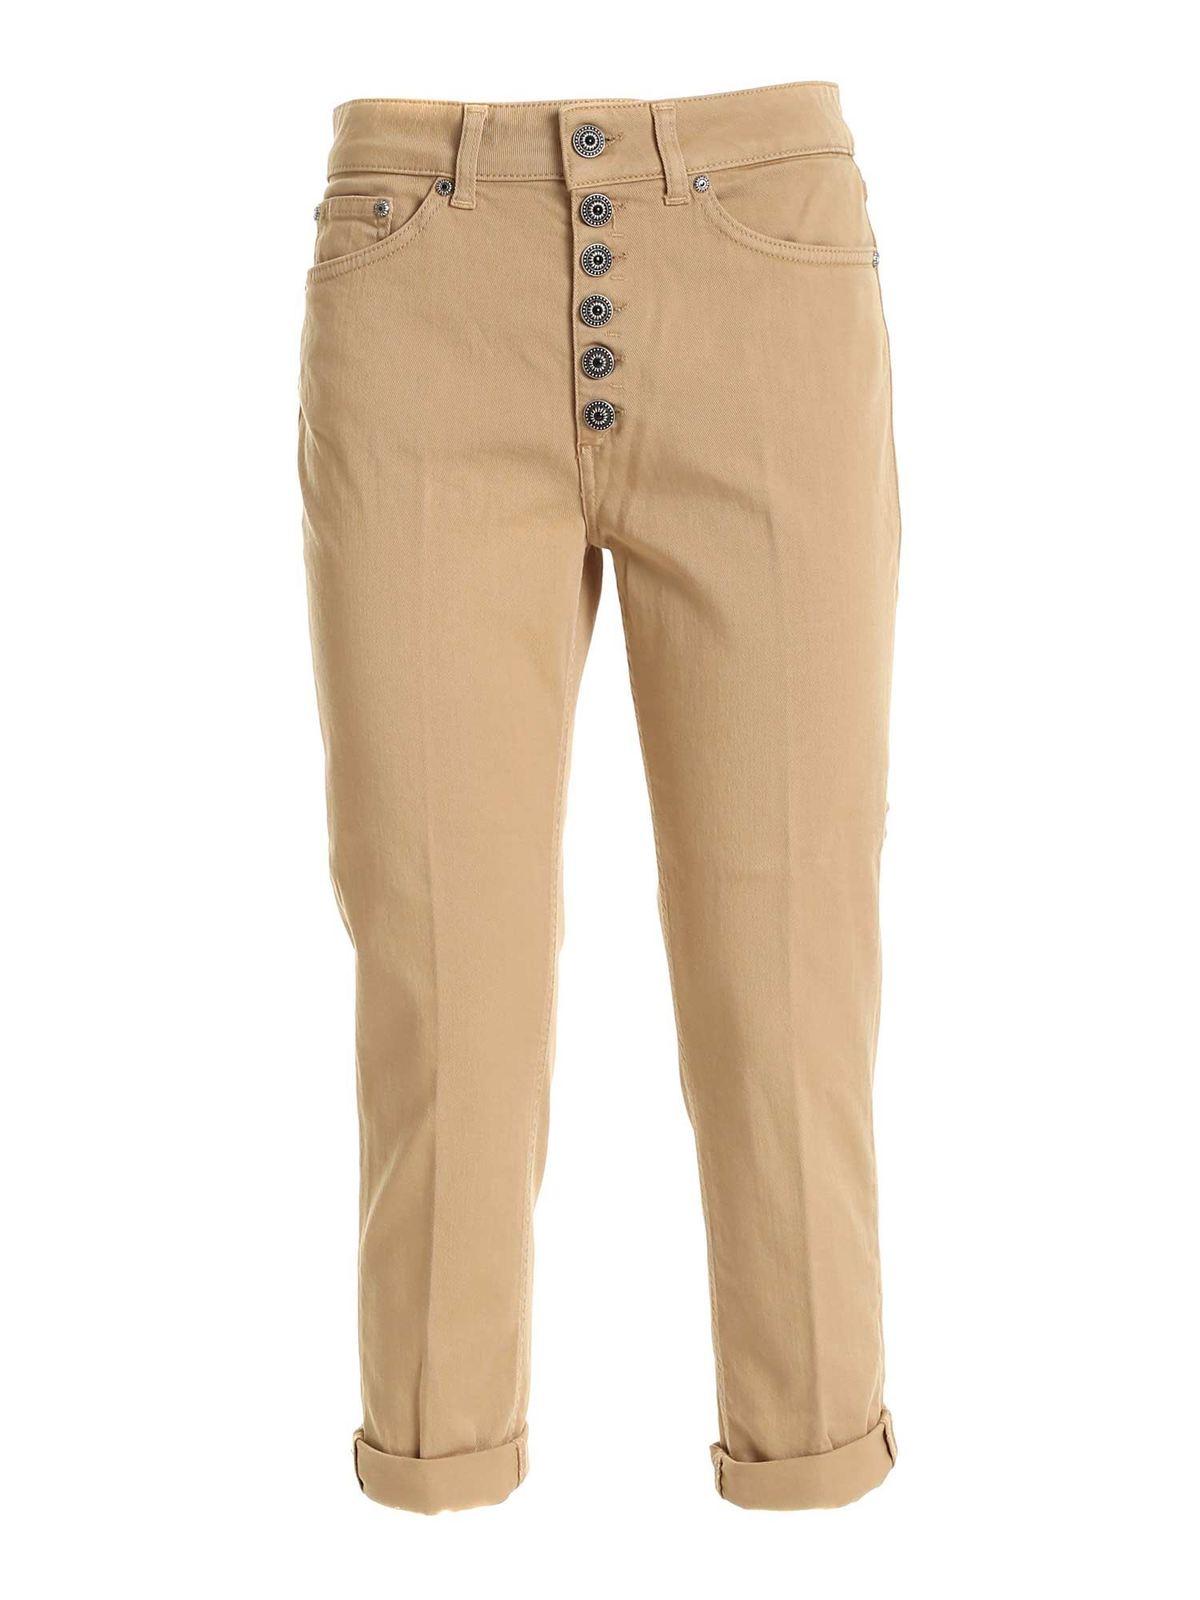 Dondup Pants KOONS PANTS IN BEIGE